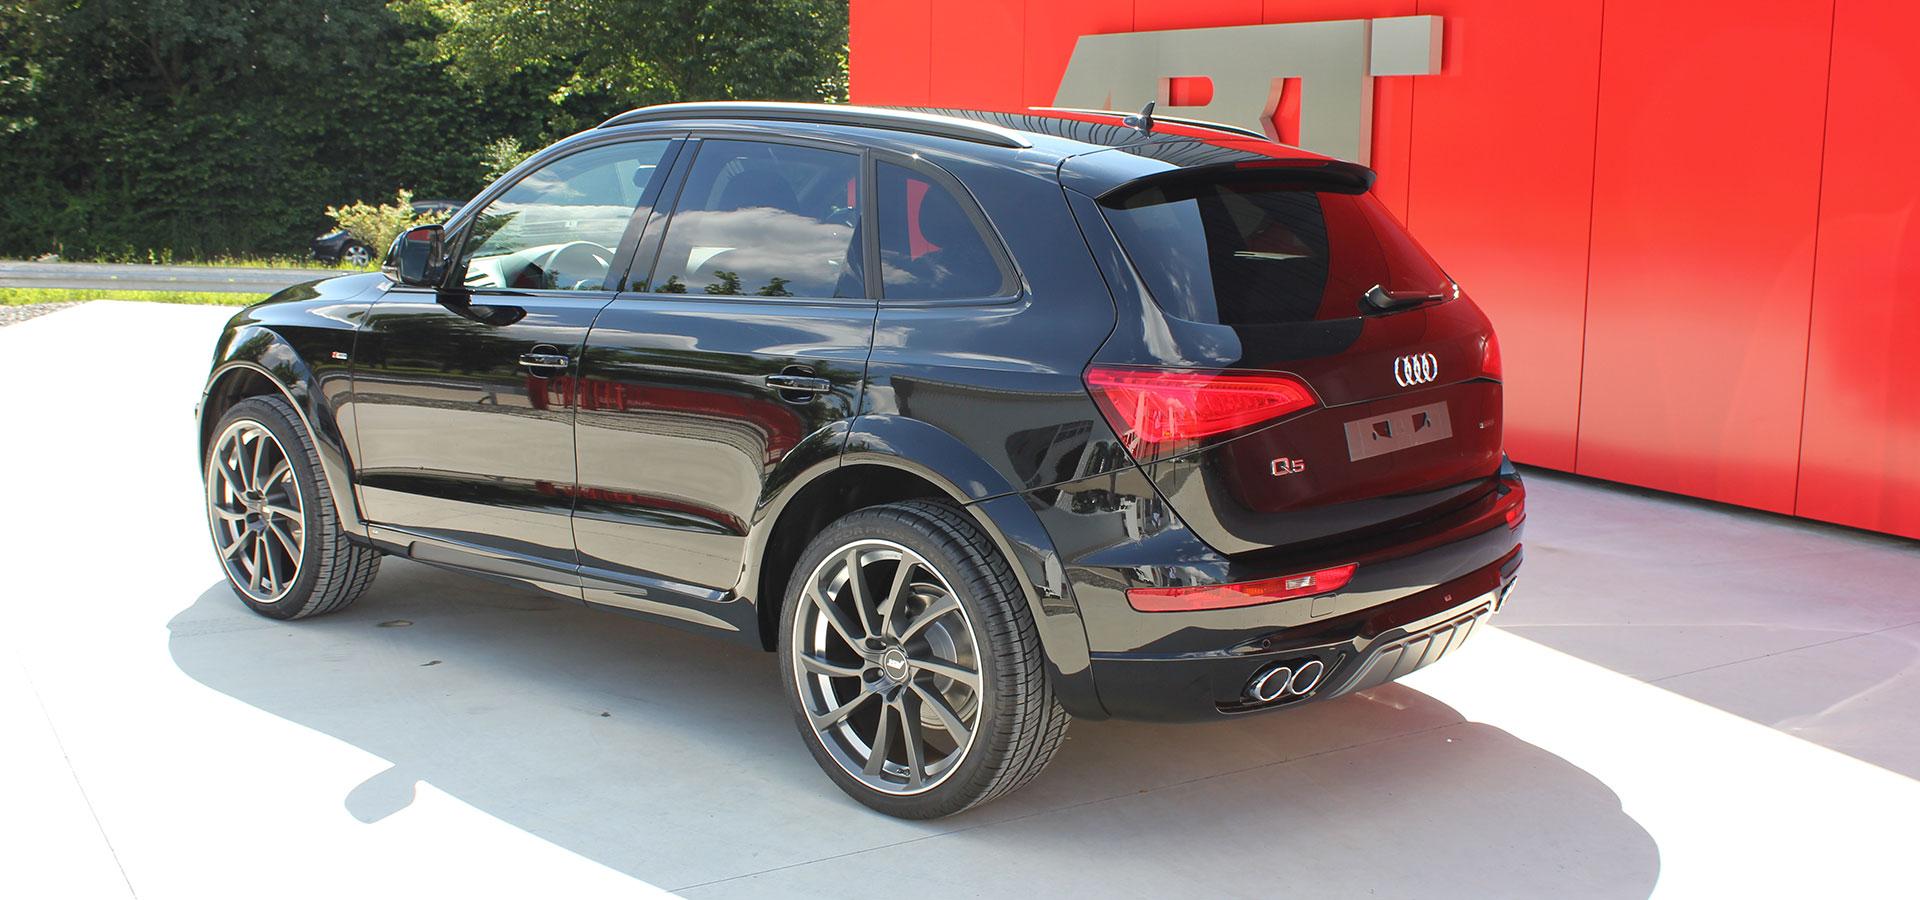 Audi Q ABT Sportsline - Audi q series cars